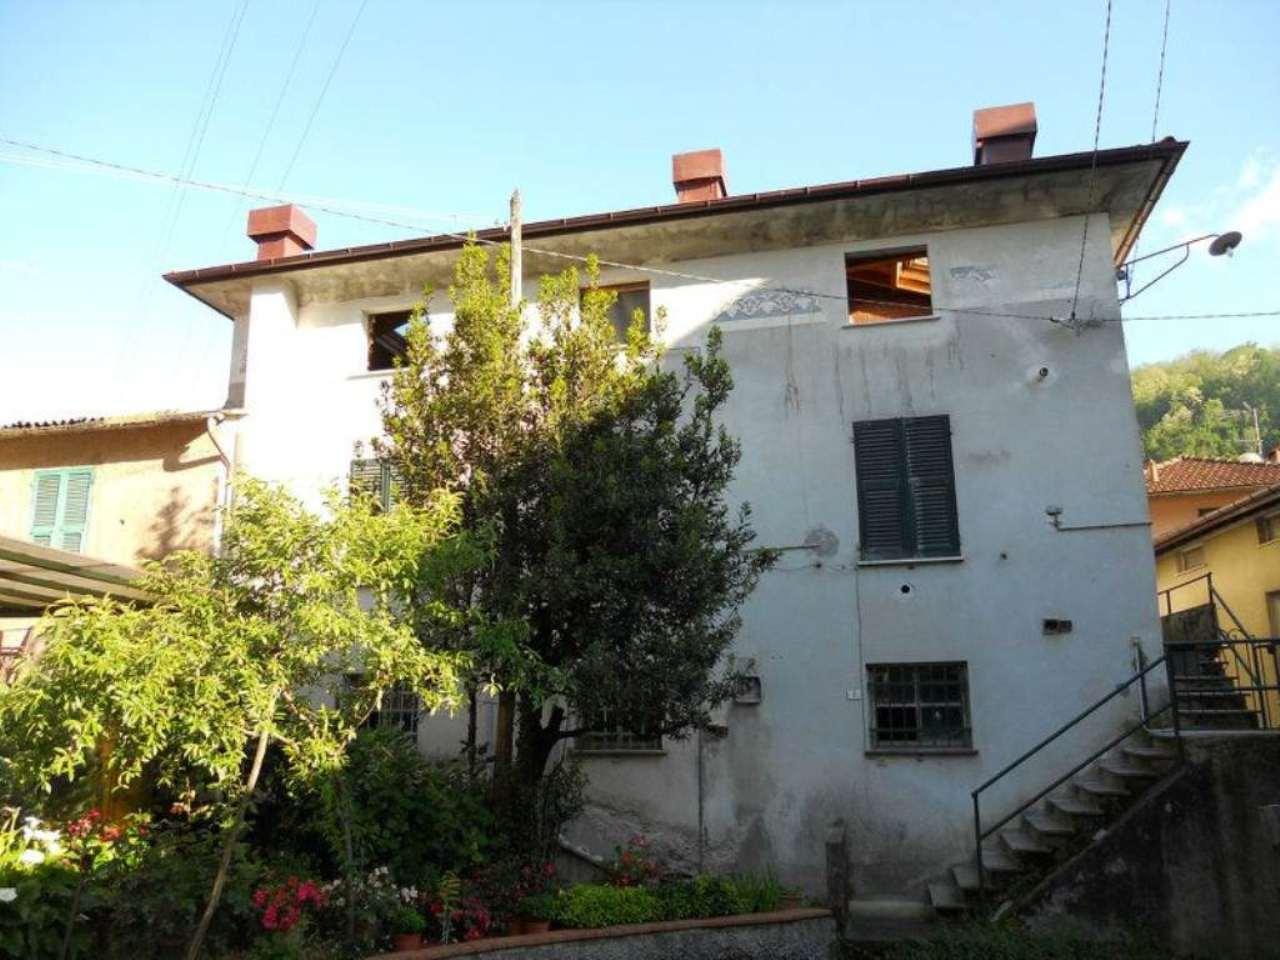 Appartamento in vendita a Moconesi, 4 locali, prezzo € 65.000 | Cambio Casa.it